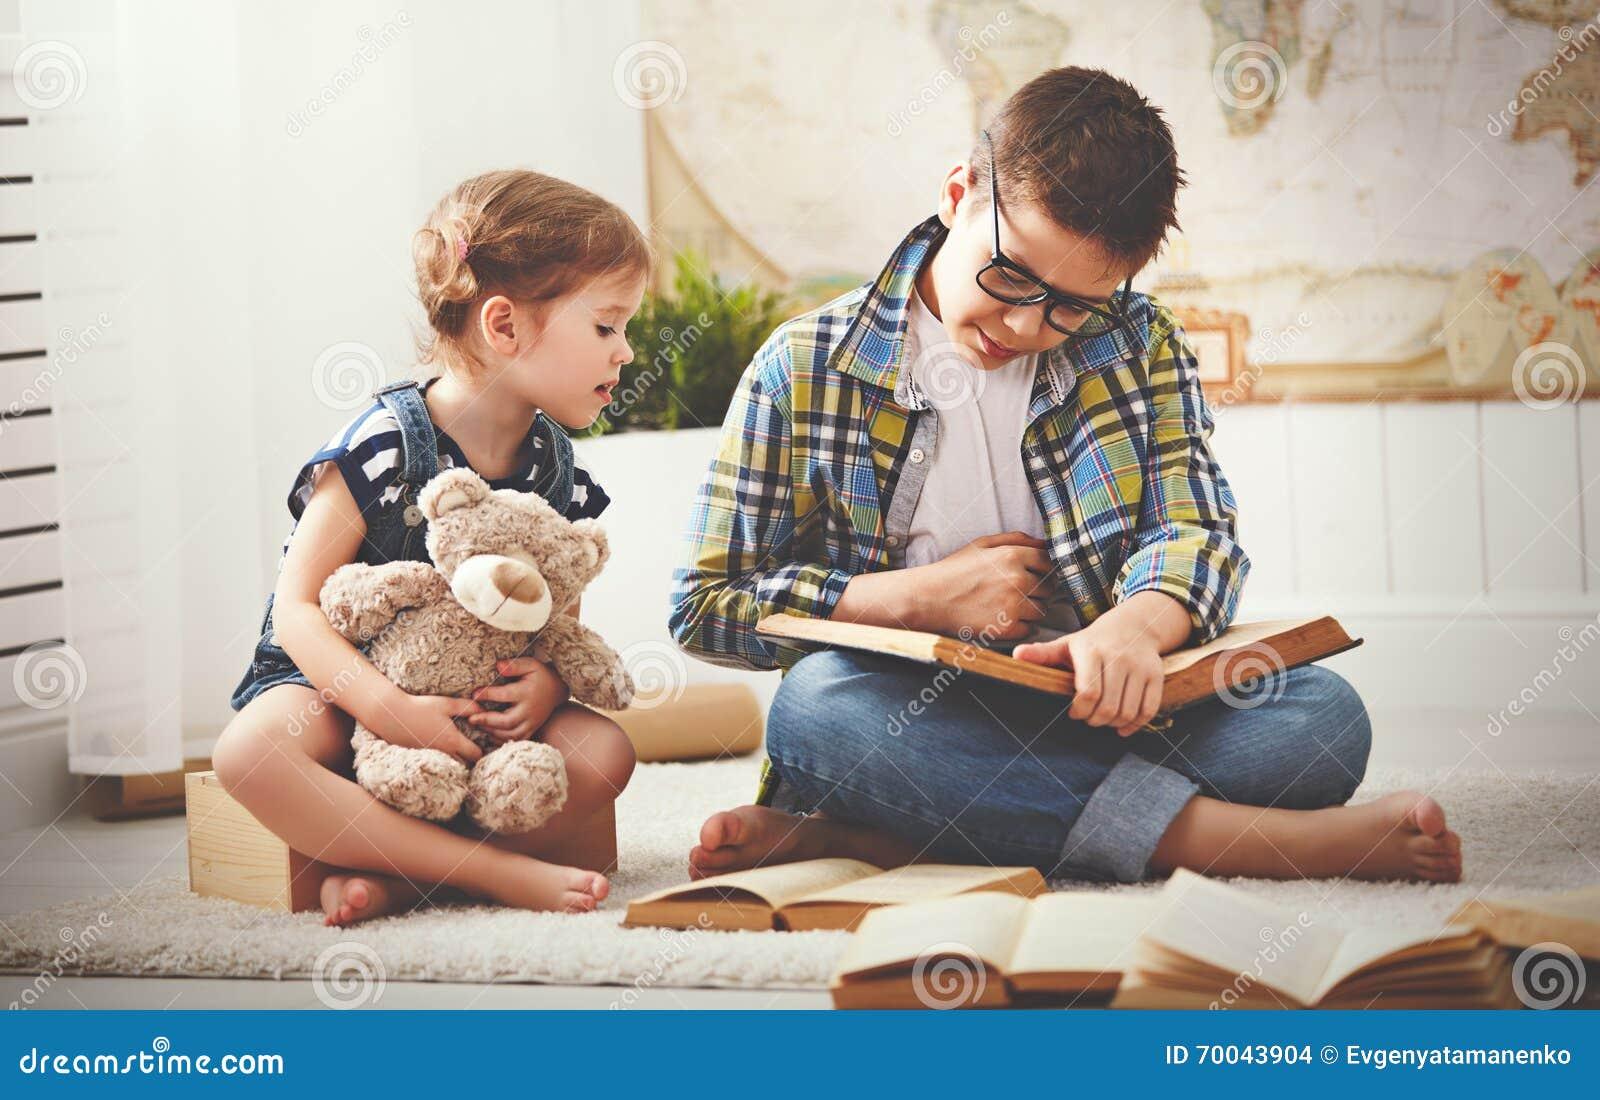 Enfants frère et soeur, garçon et fille lisant un livre